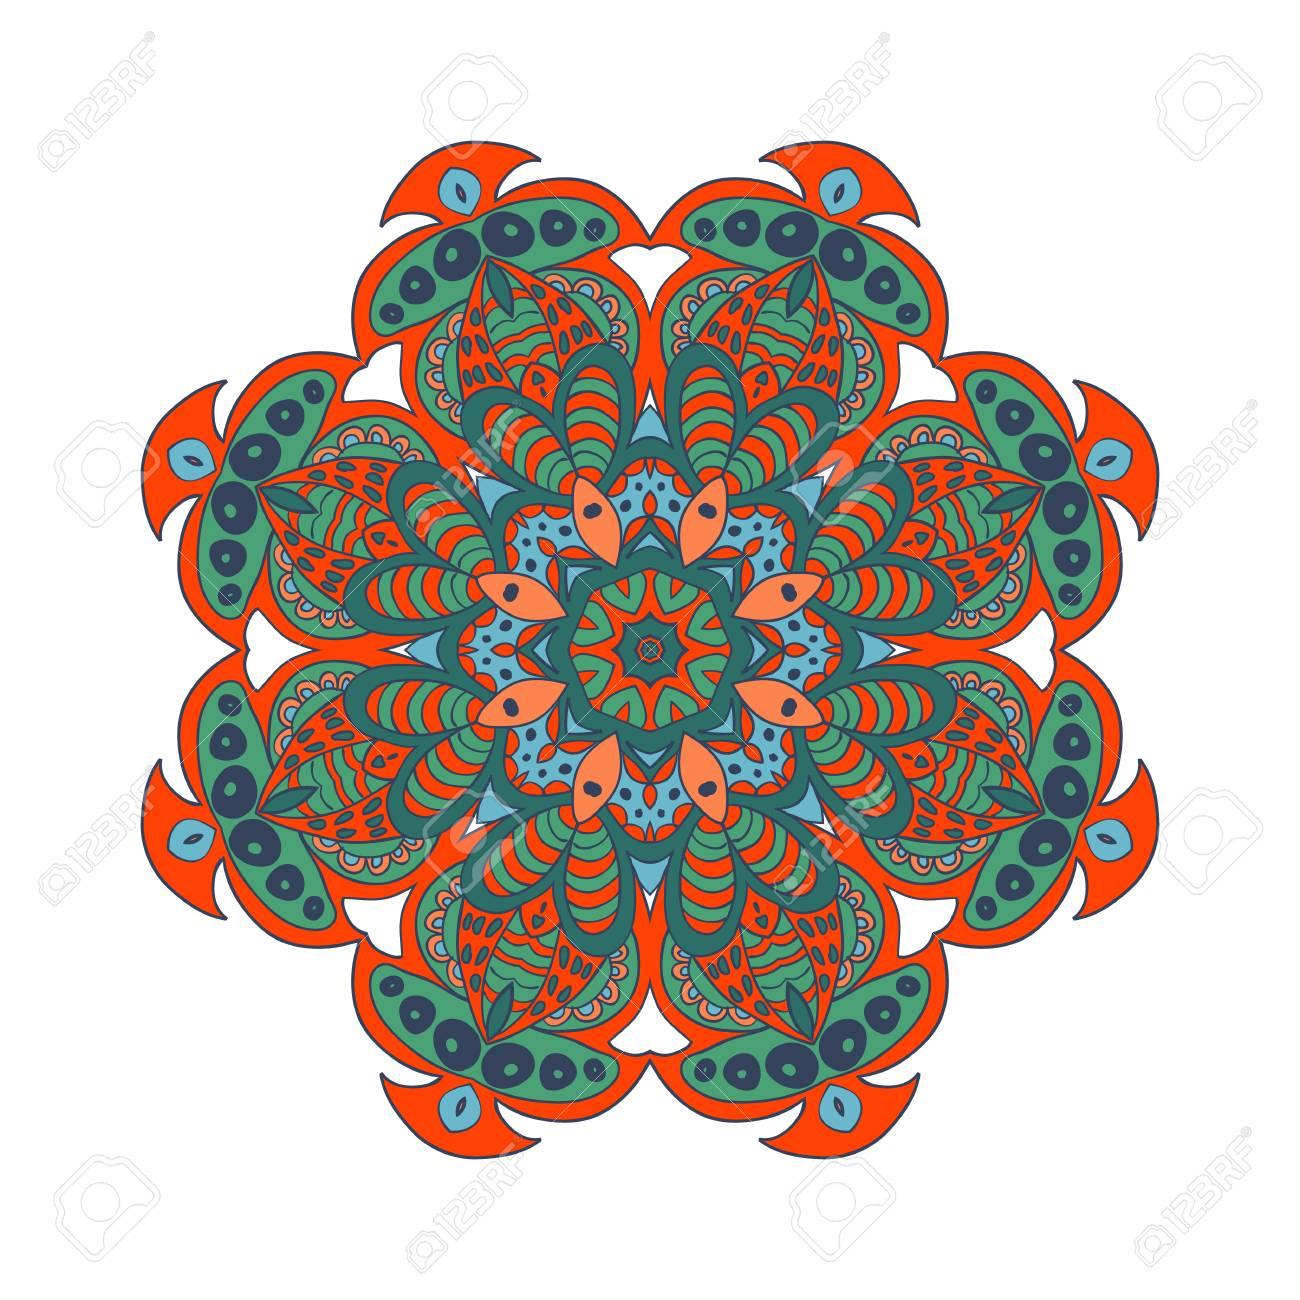 Mandala Kritzeleien. Bunte Blumen Runden Verzierung. Ethnische Solar ...